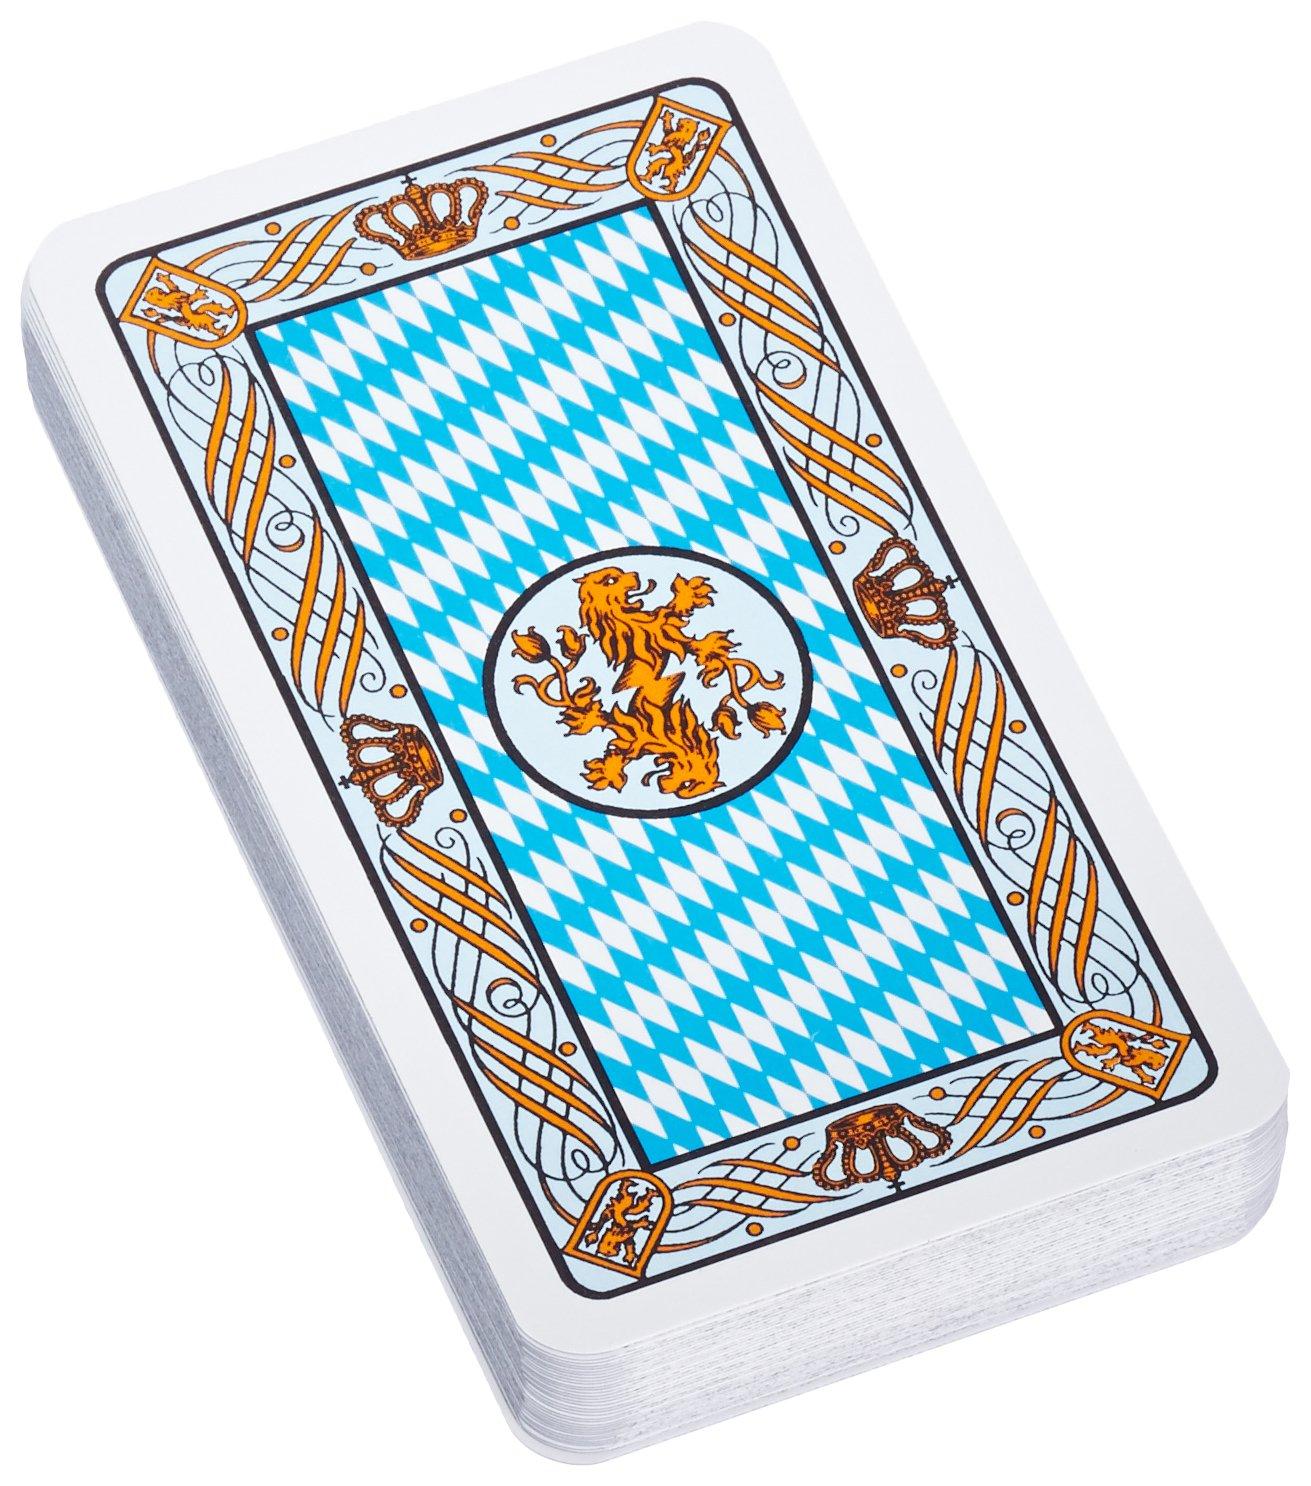 importado de Alemania Juego de cartas Ravensburger